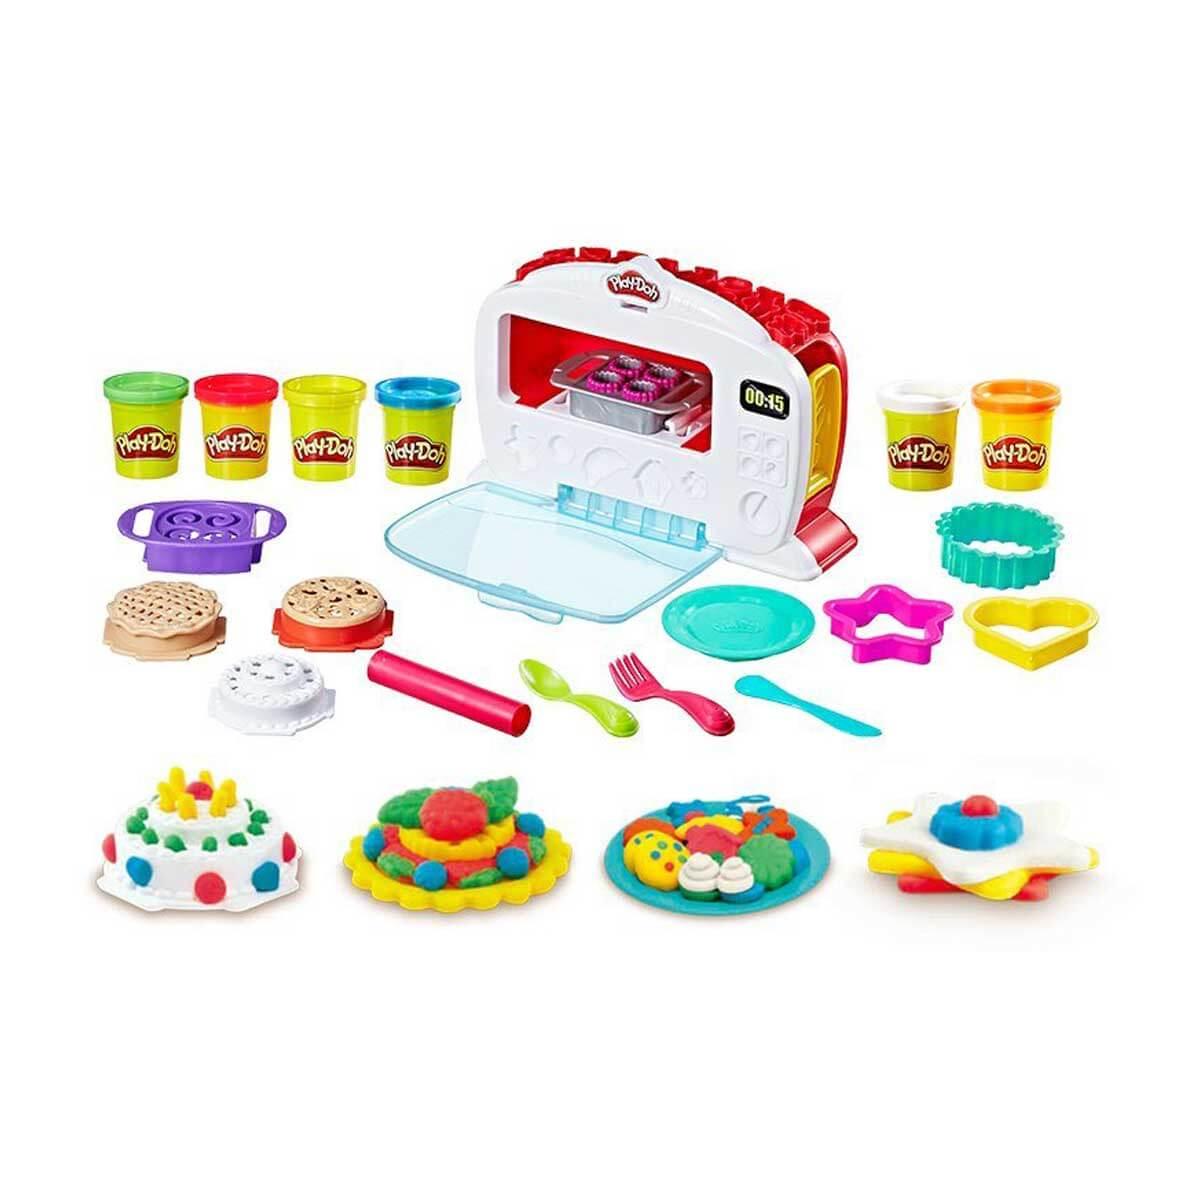 Hasbro B9740 Play Doh Sihirli Fırın Seti.